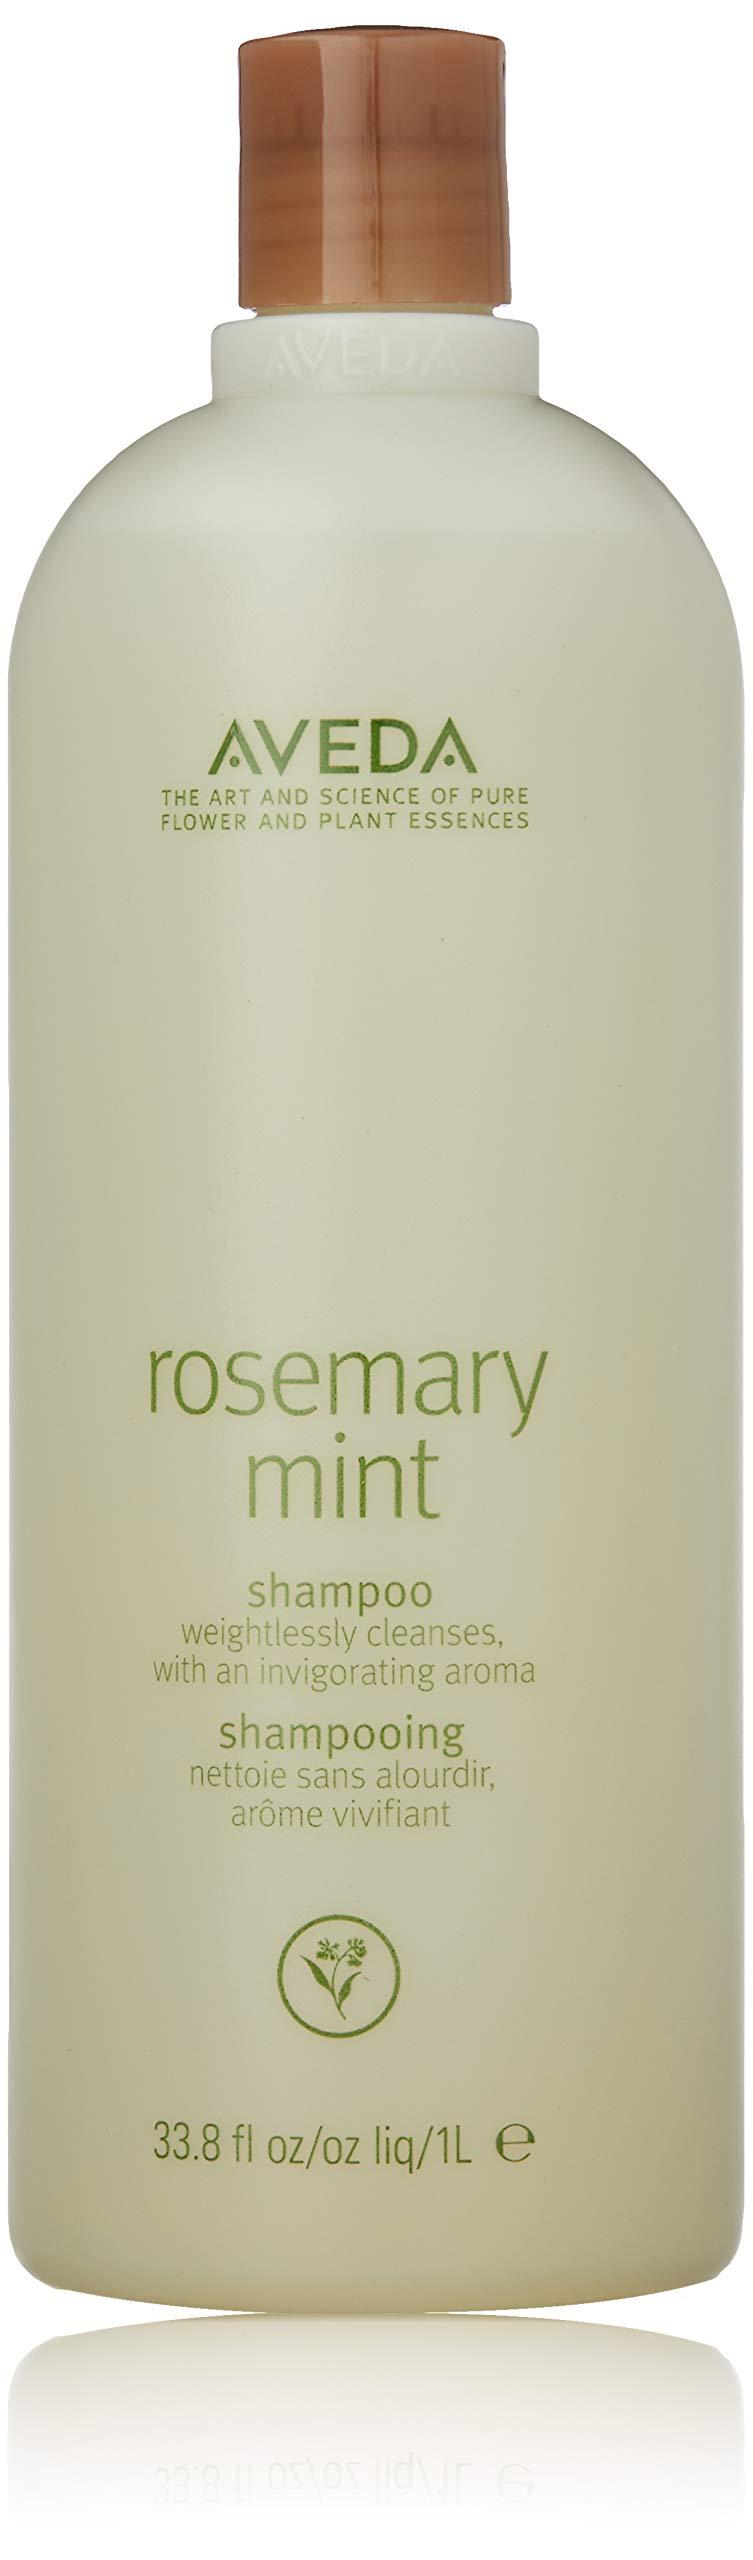 Aveda Shampoo Bottles, rosemary mint 33.8 Fl Oz